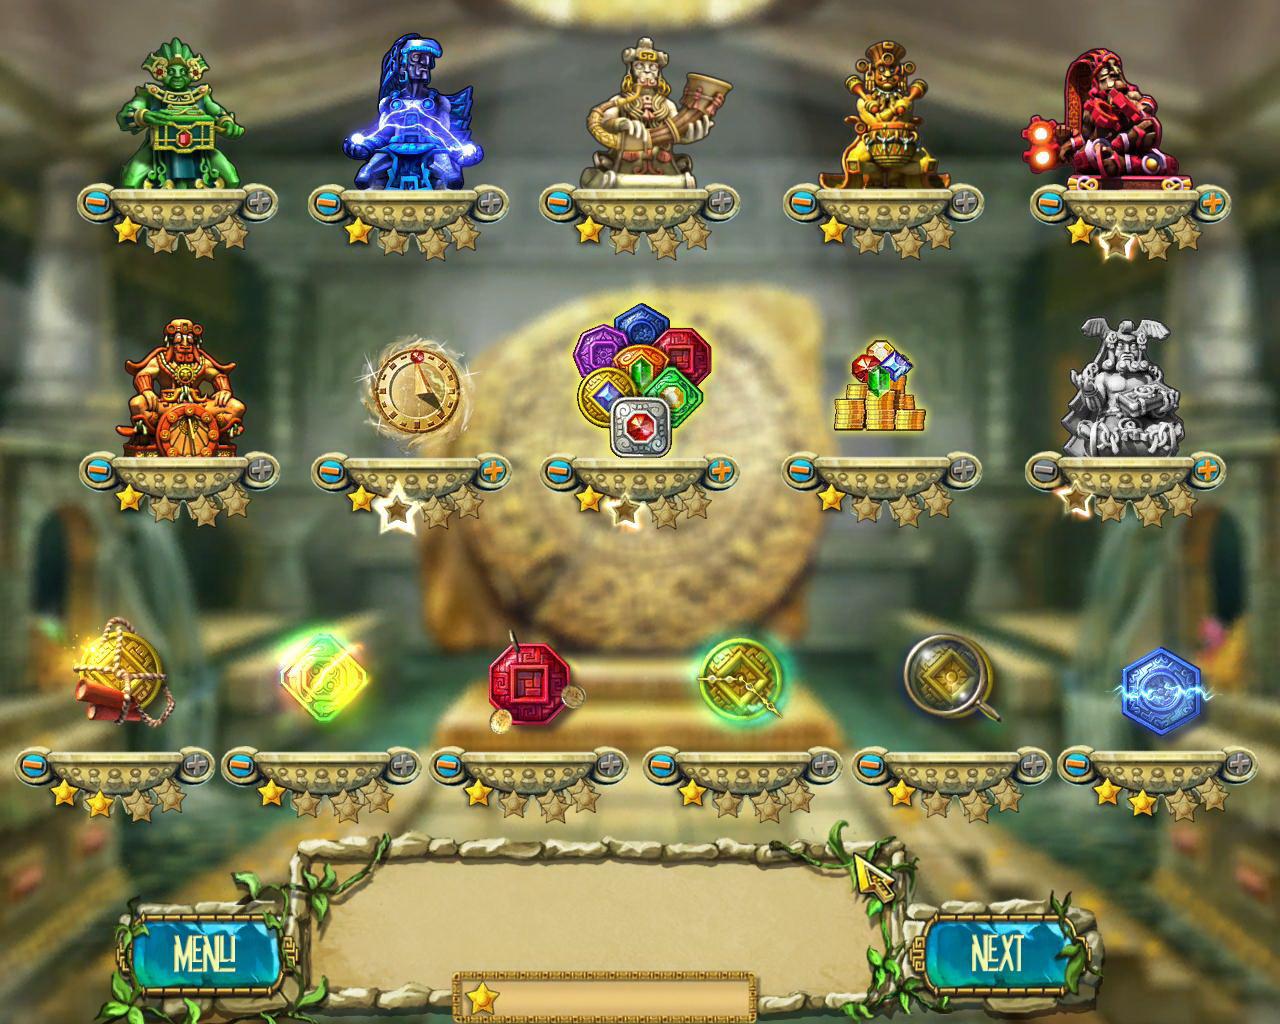 Собирать кристаллы компьютерная игра 14 фотография